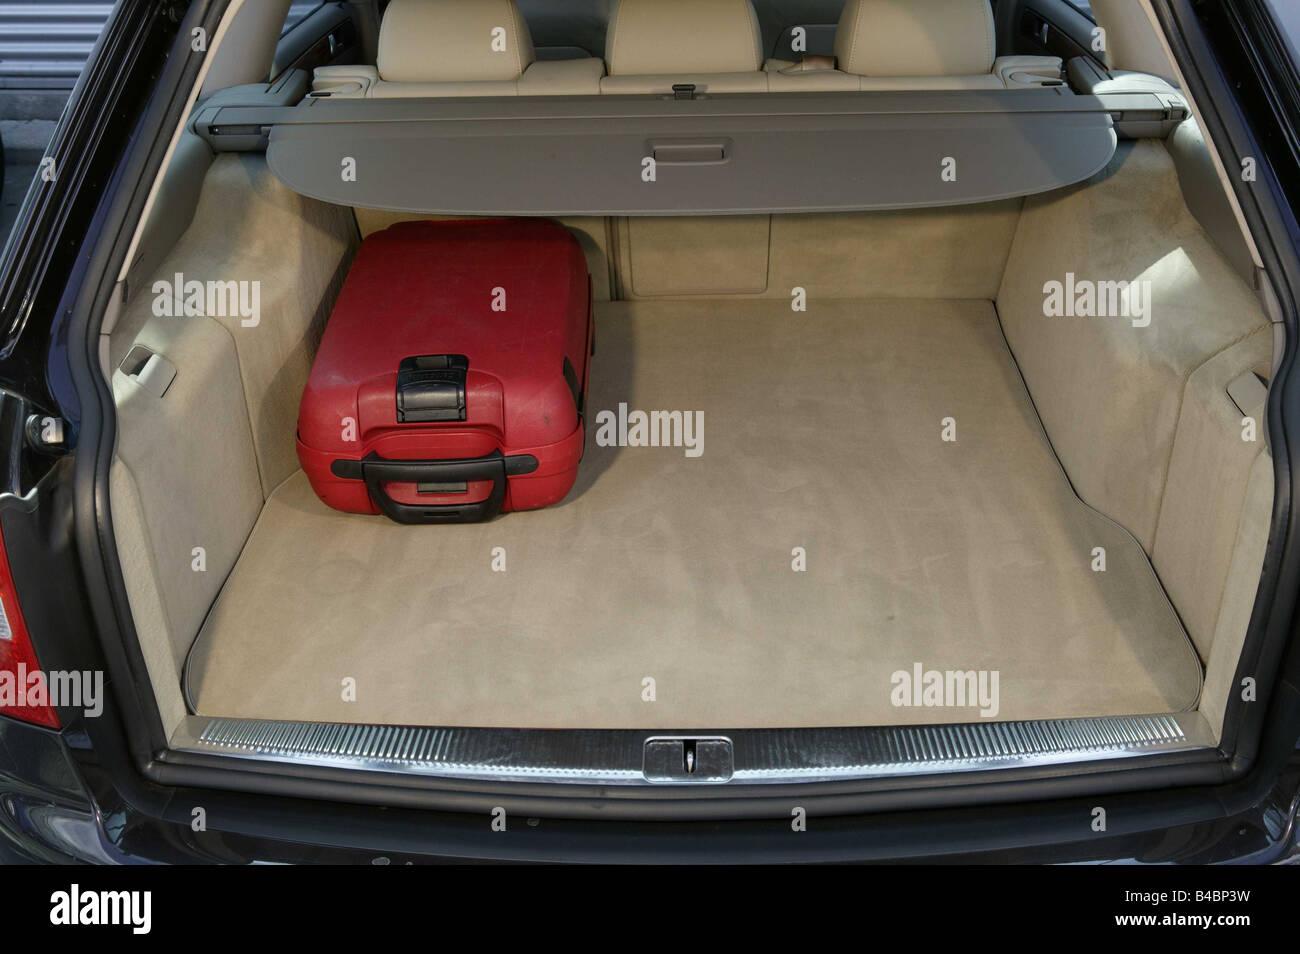 Großartig Auto Zugang Bilder - Elektrische Schaltplan-Ideen ...